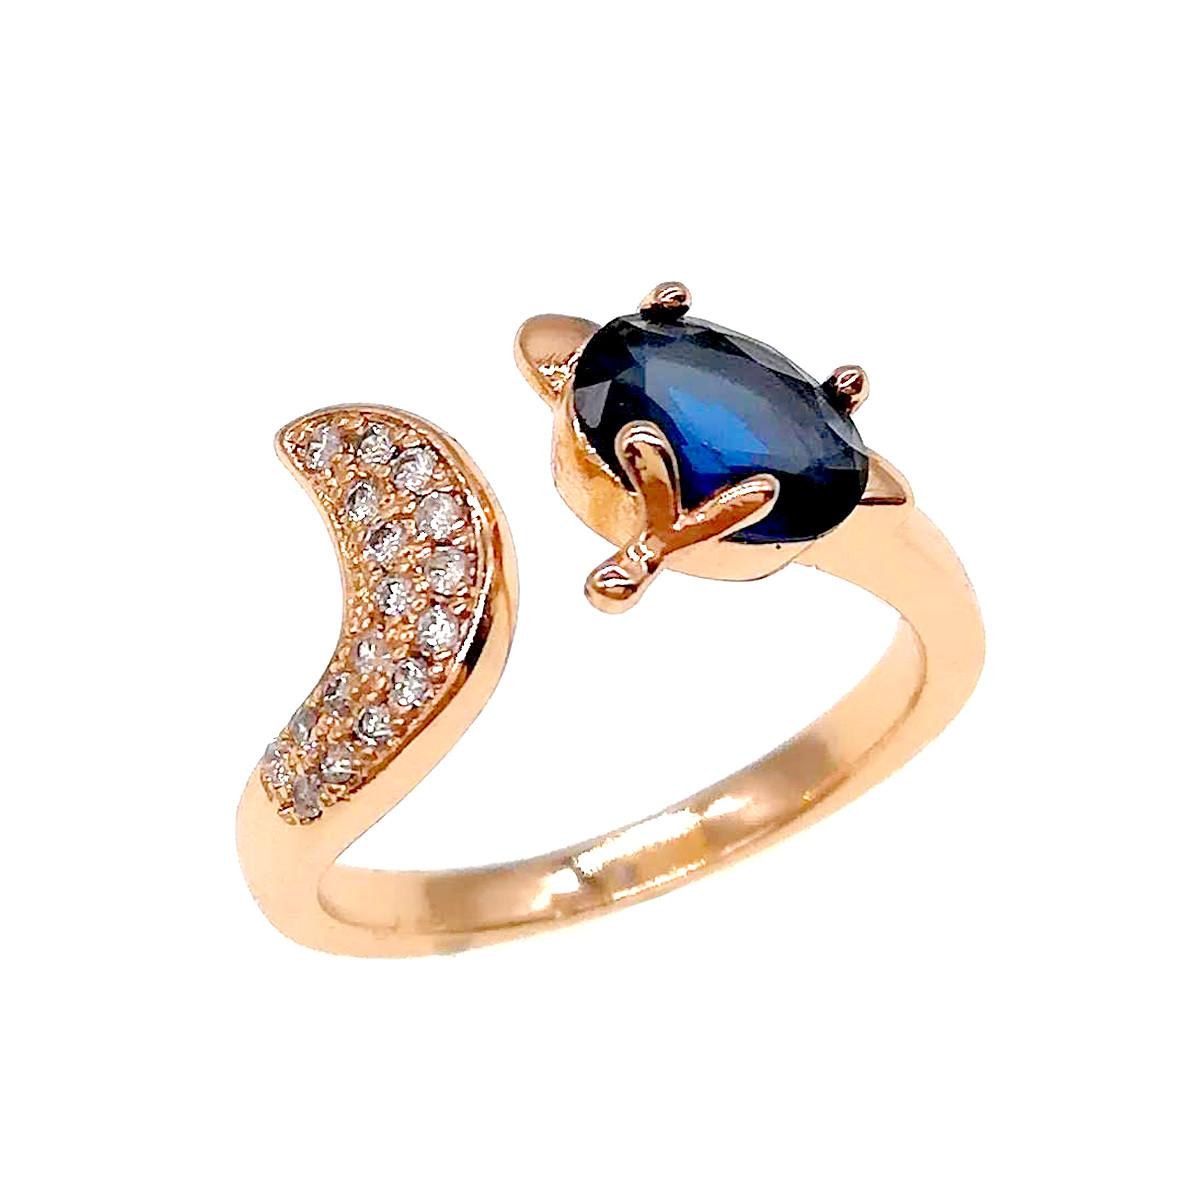 Кольцо Xuping из медицинского золота, синие и белые фианиты, позолота 18К, 11819       (Безрозмірна)